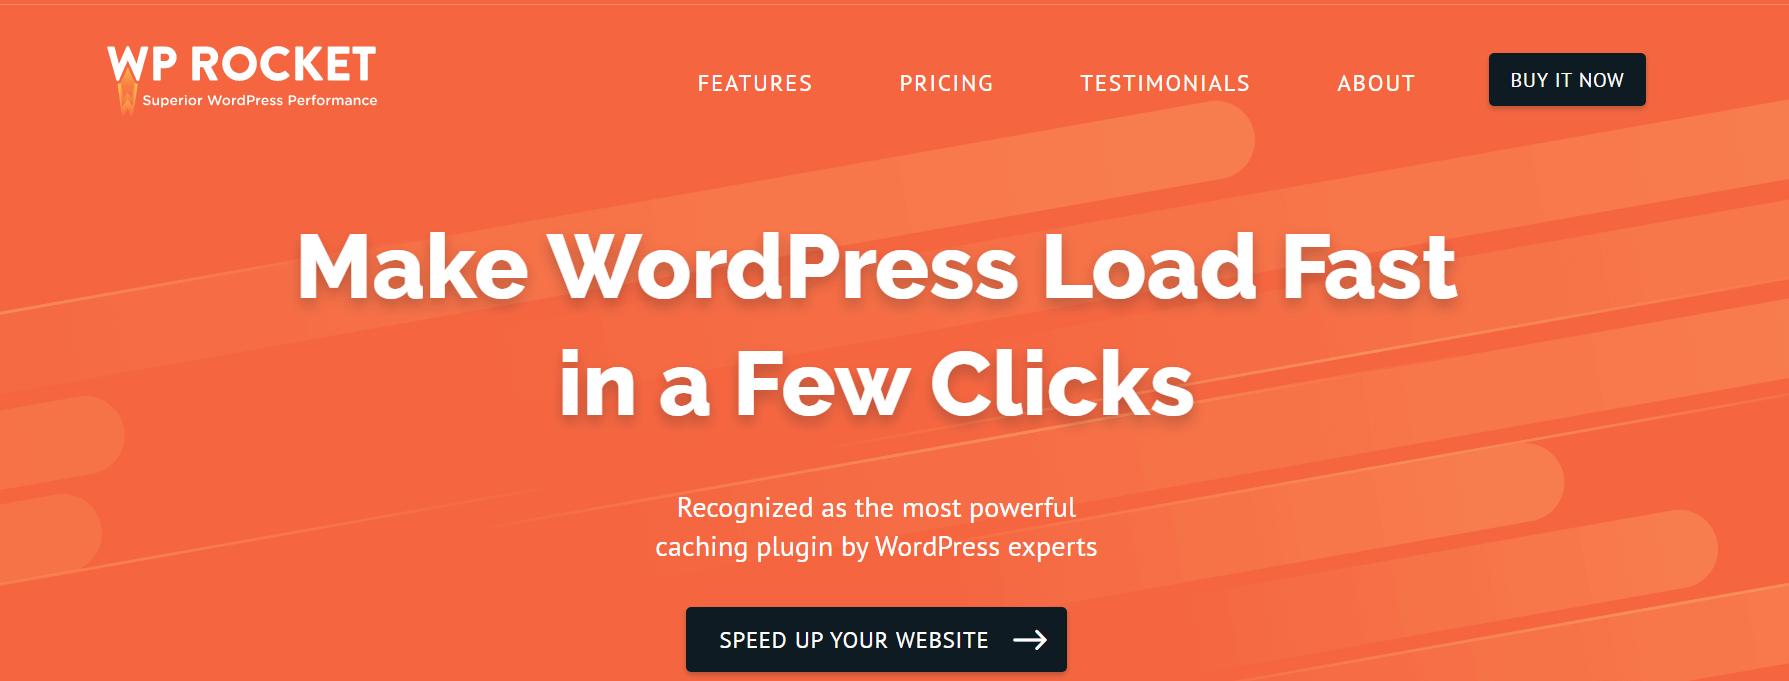 El complemento WP Rocket es un complemento de WordPress imprescindible para los bloggers.